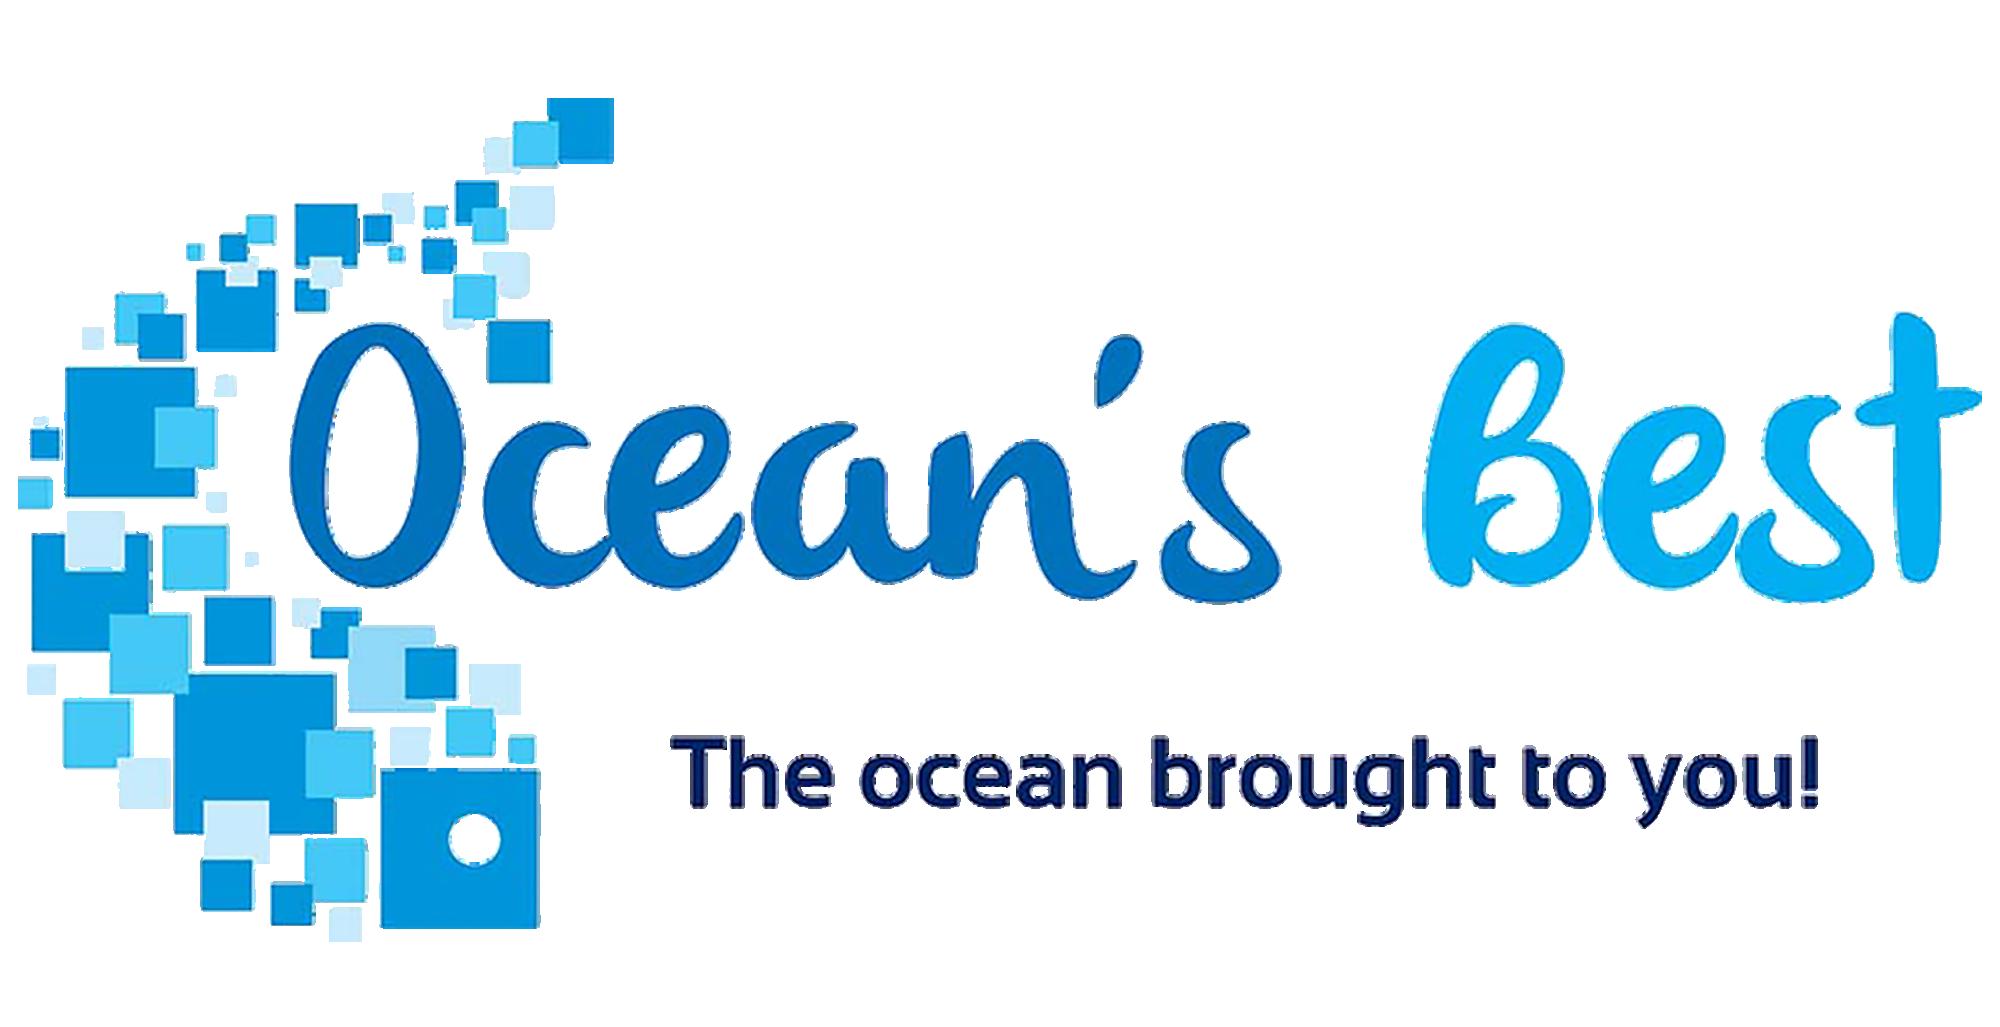 Oceans Best